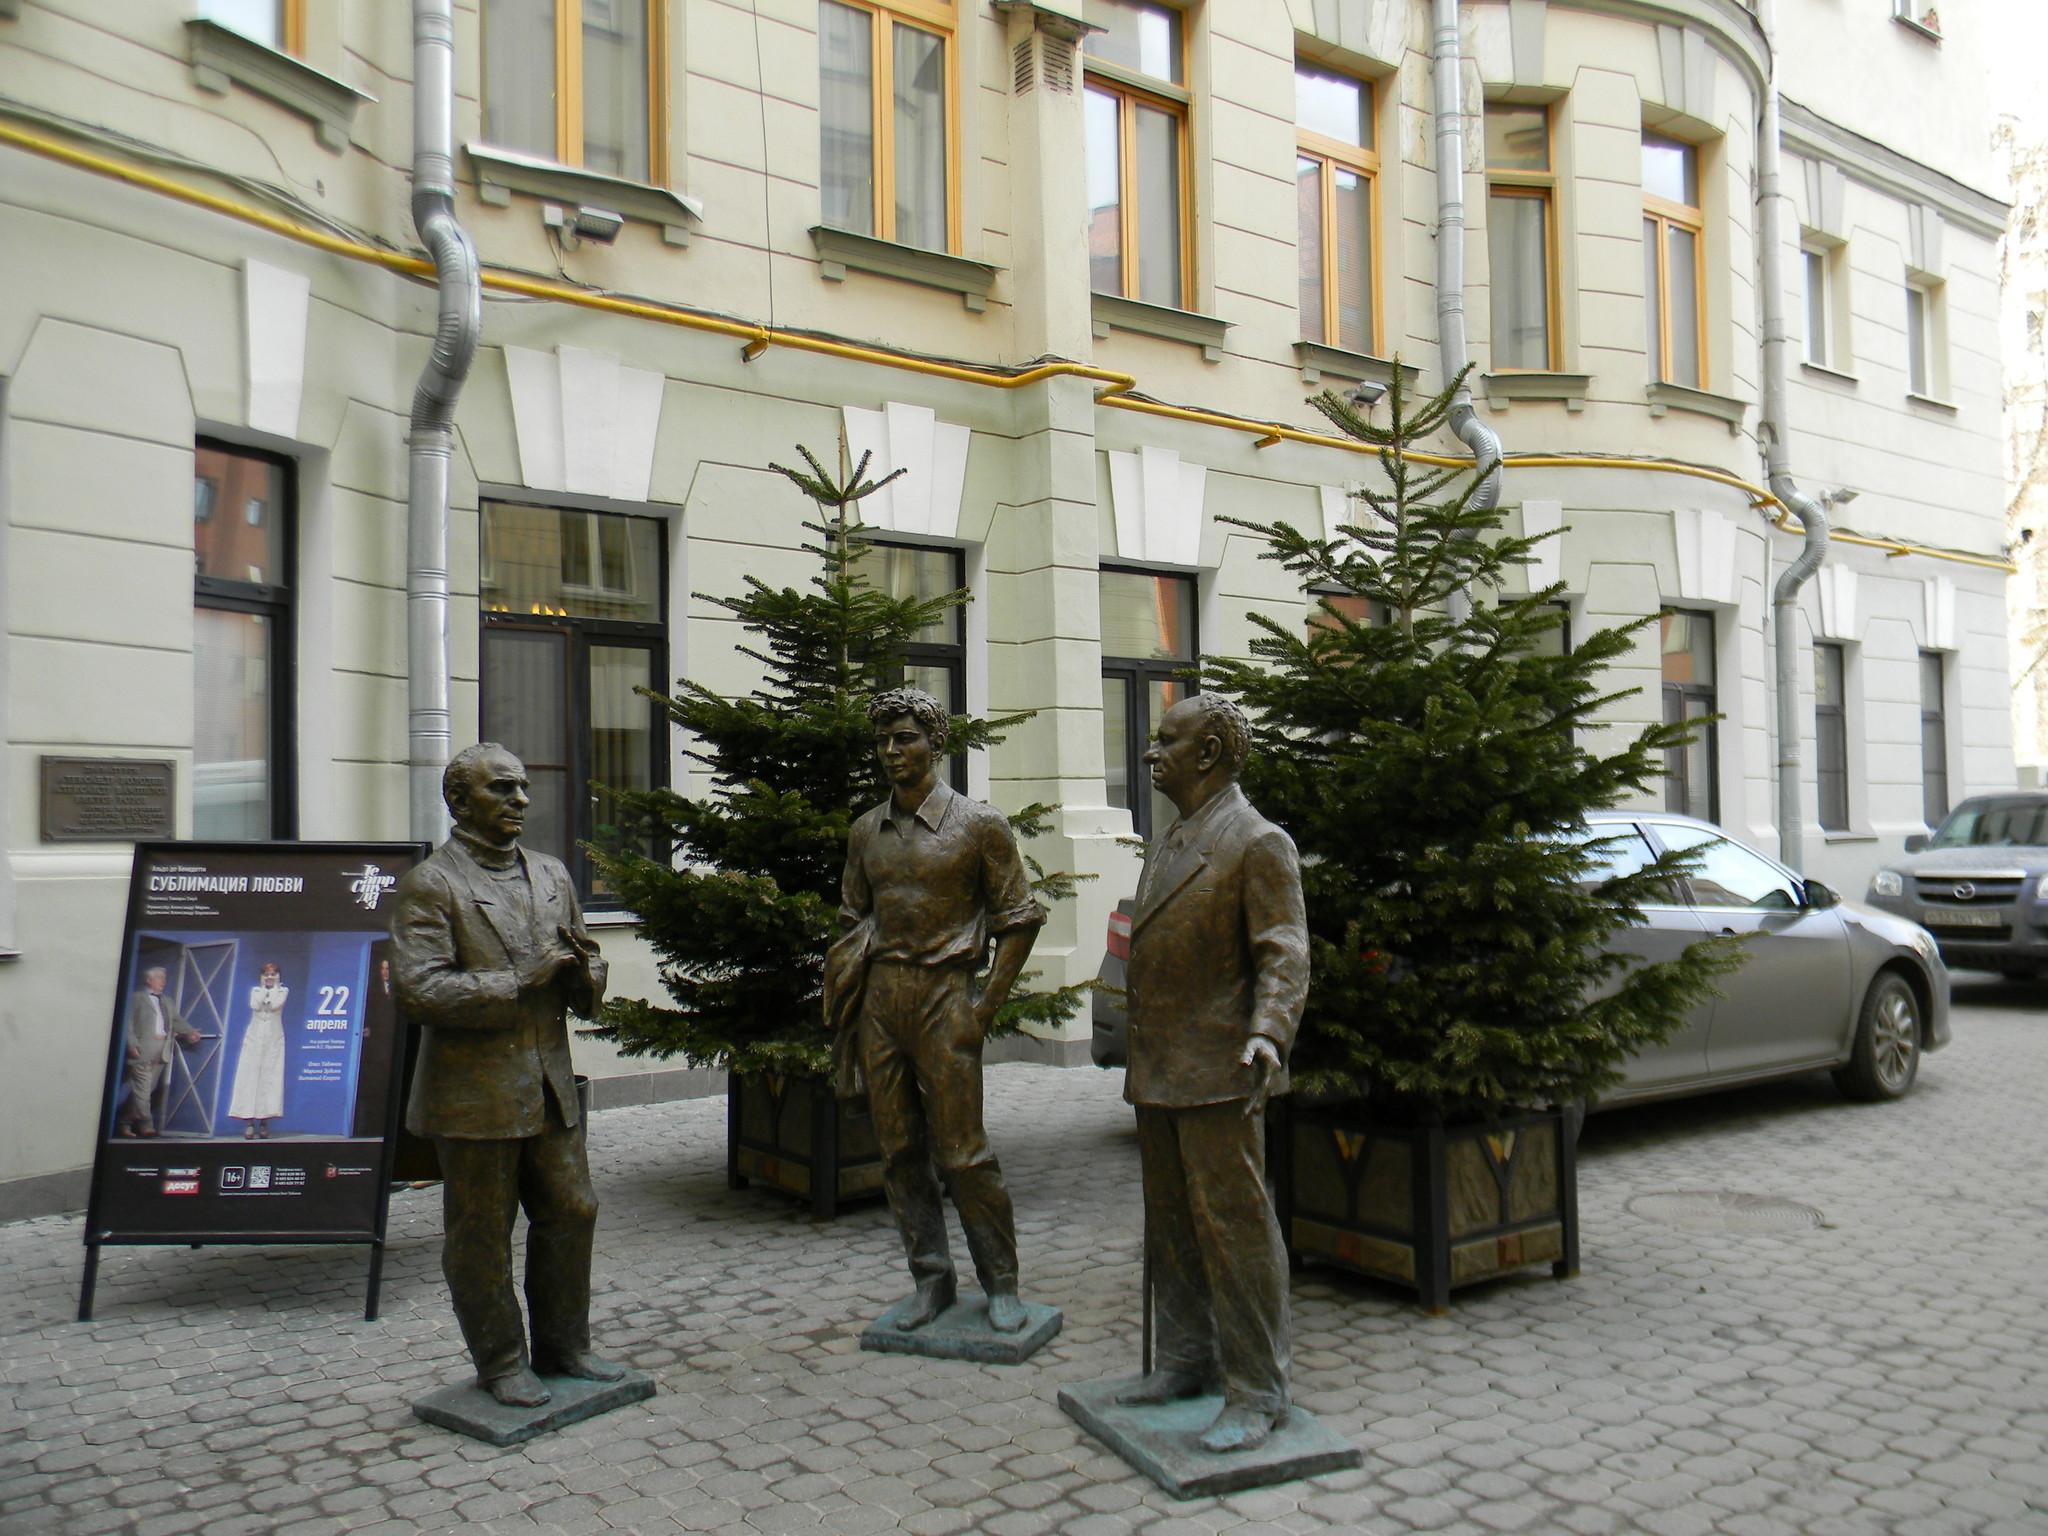 Скульптурная композиция Вампилов, Розов, Володин во дворе «Табакерки»